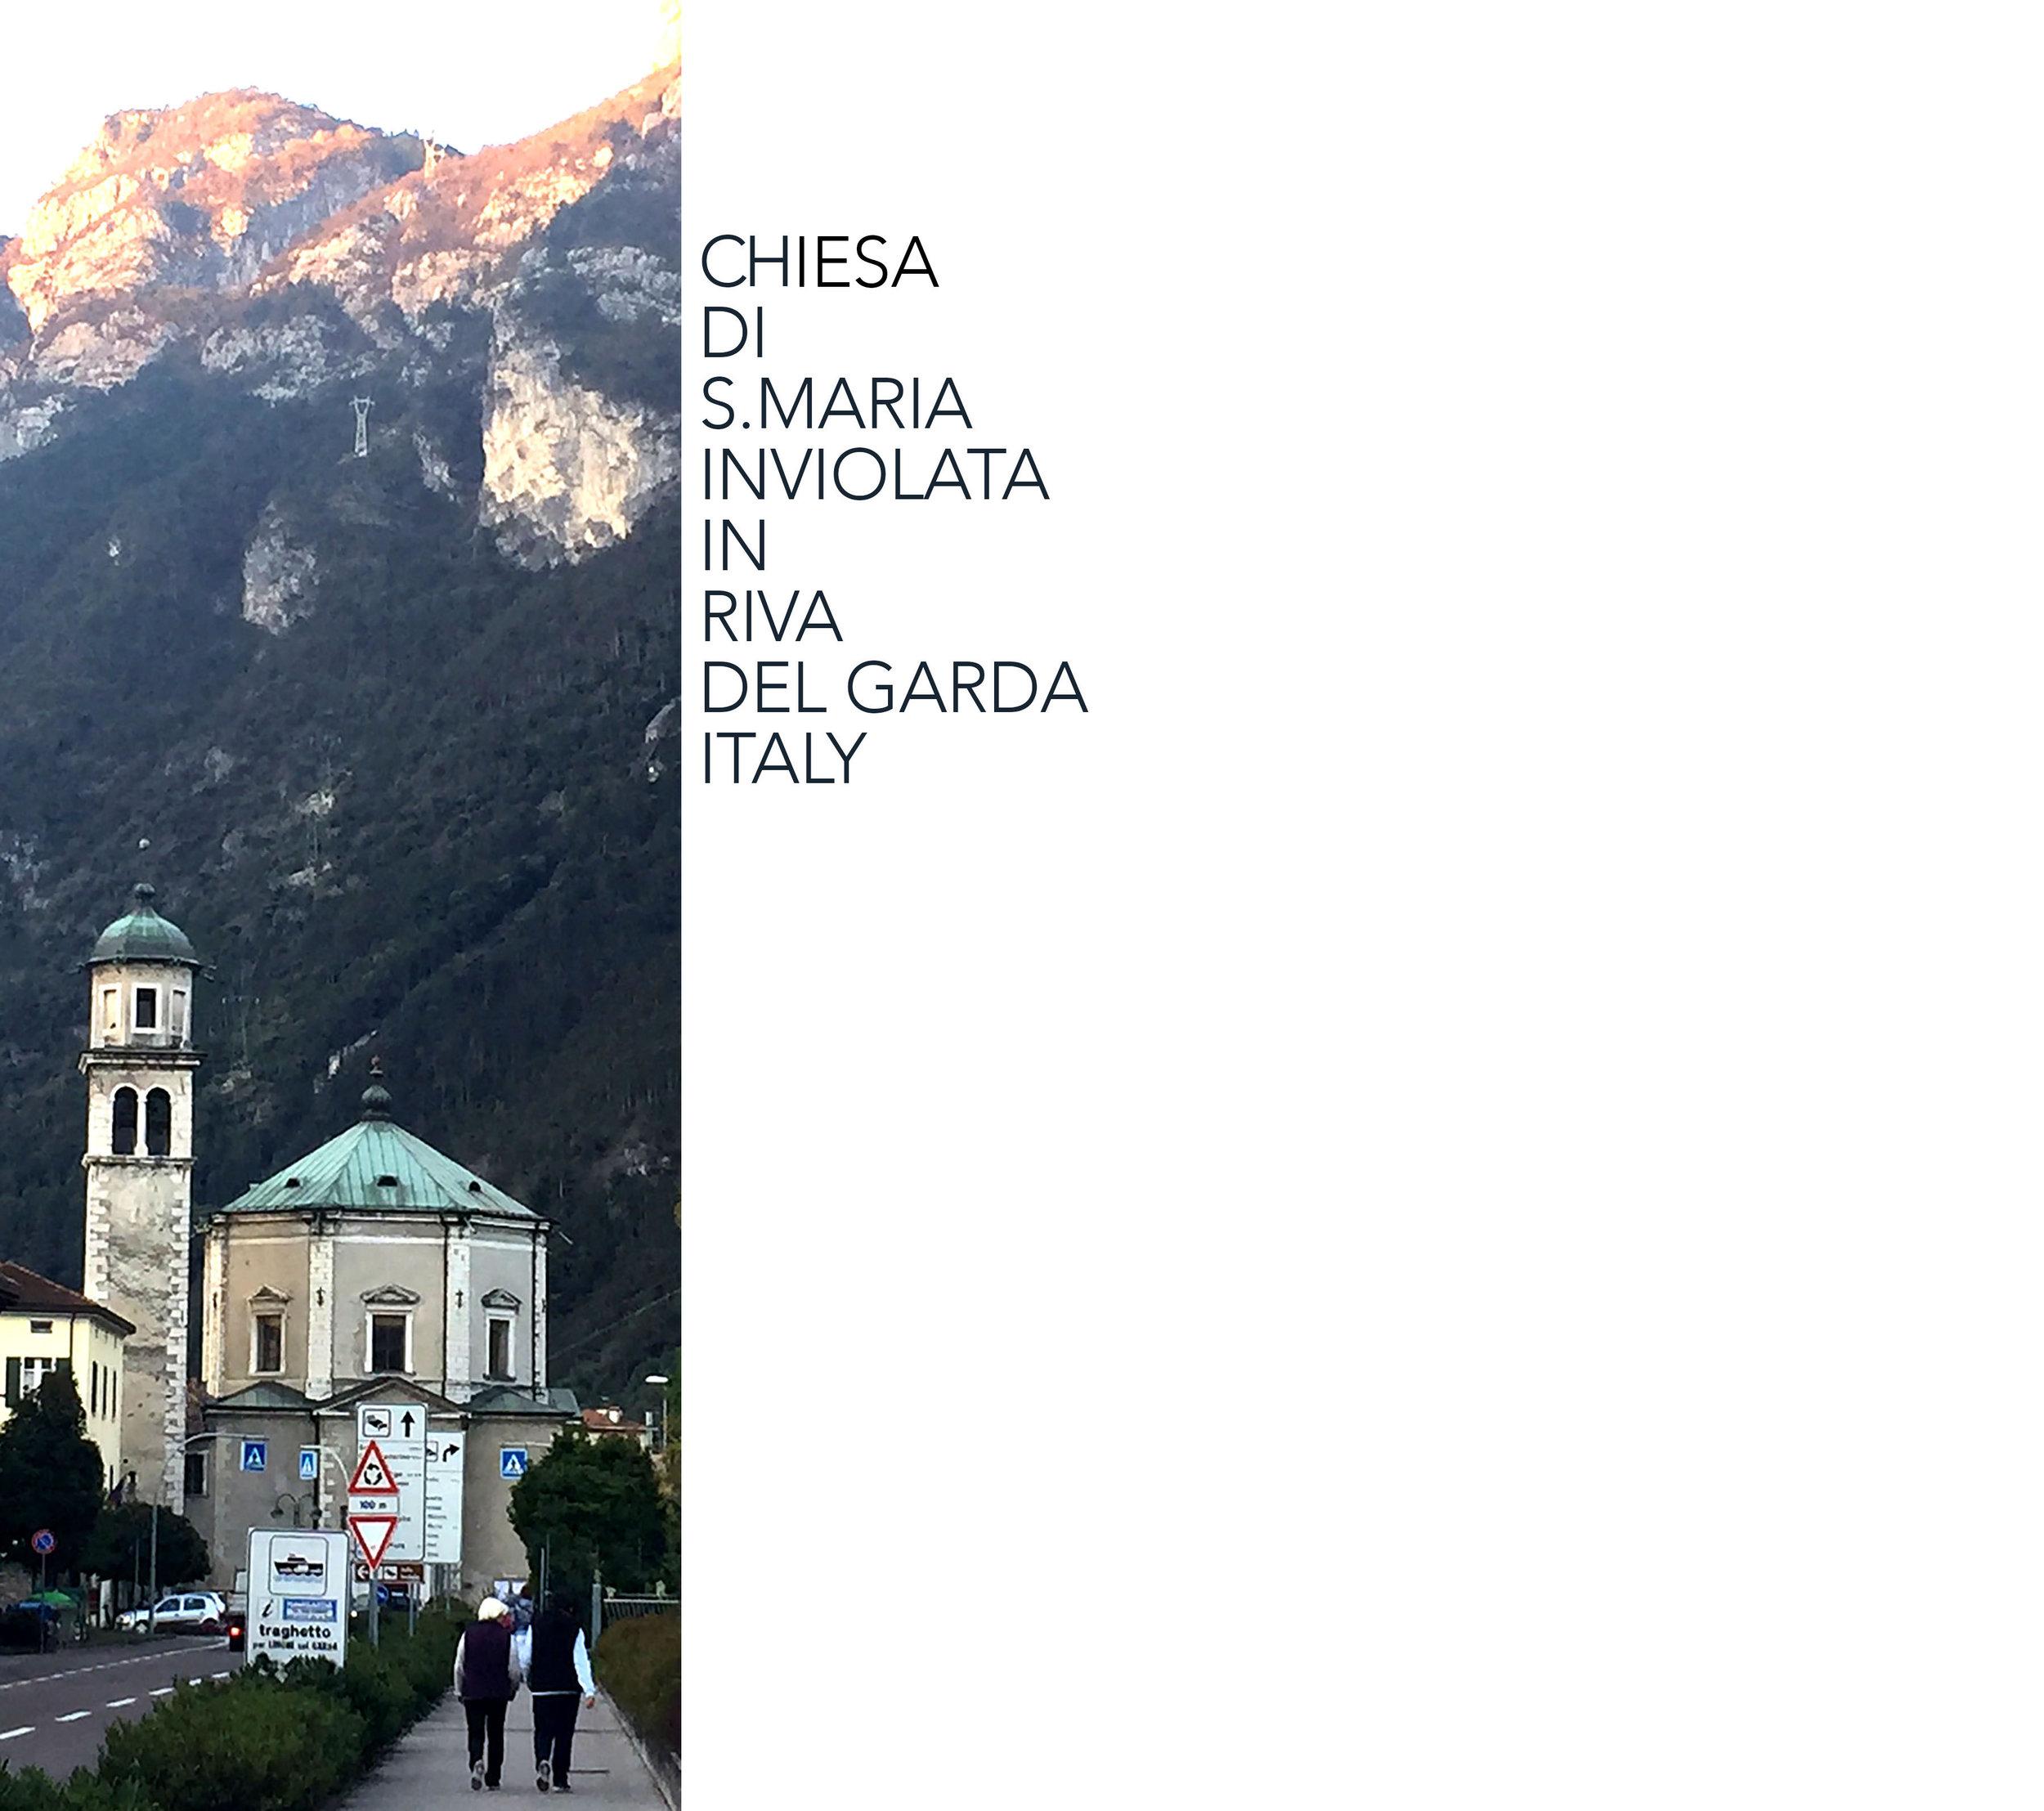 Chiesa di S.Maria in Riva del Garda, Italyk